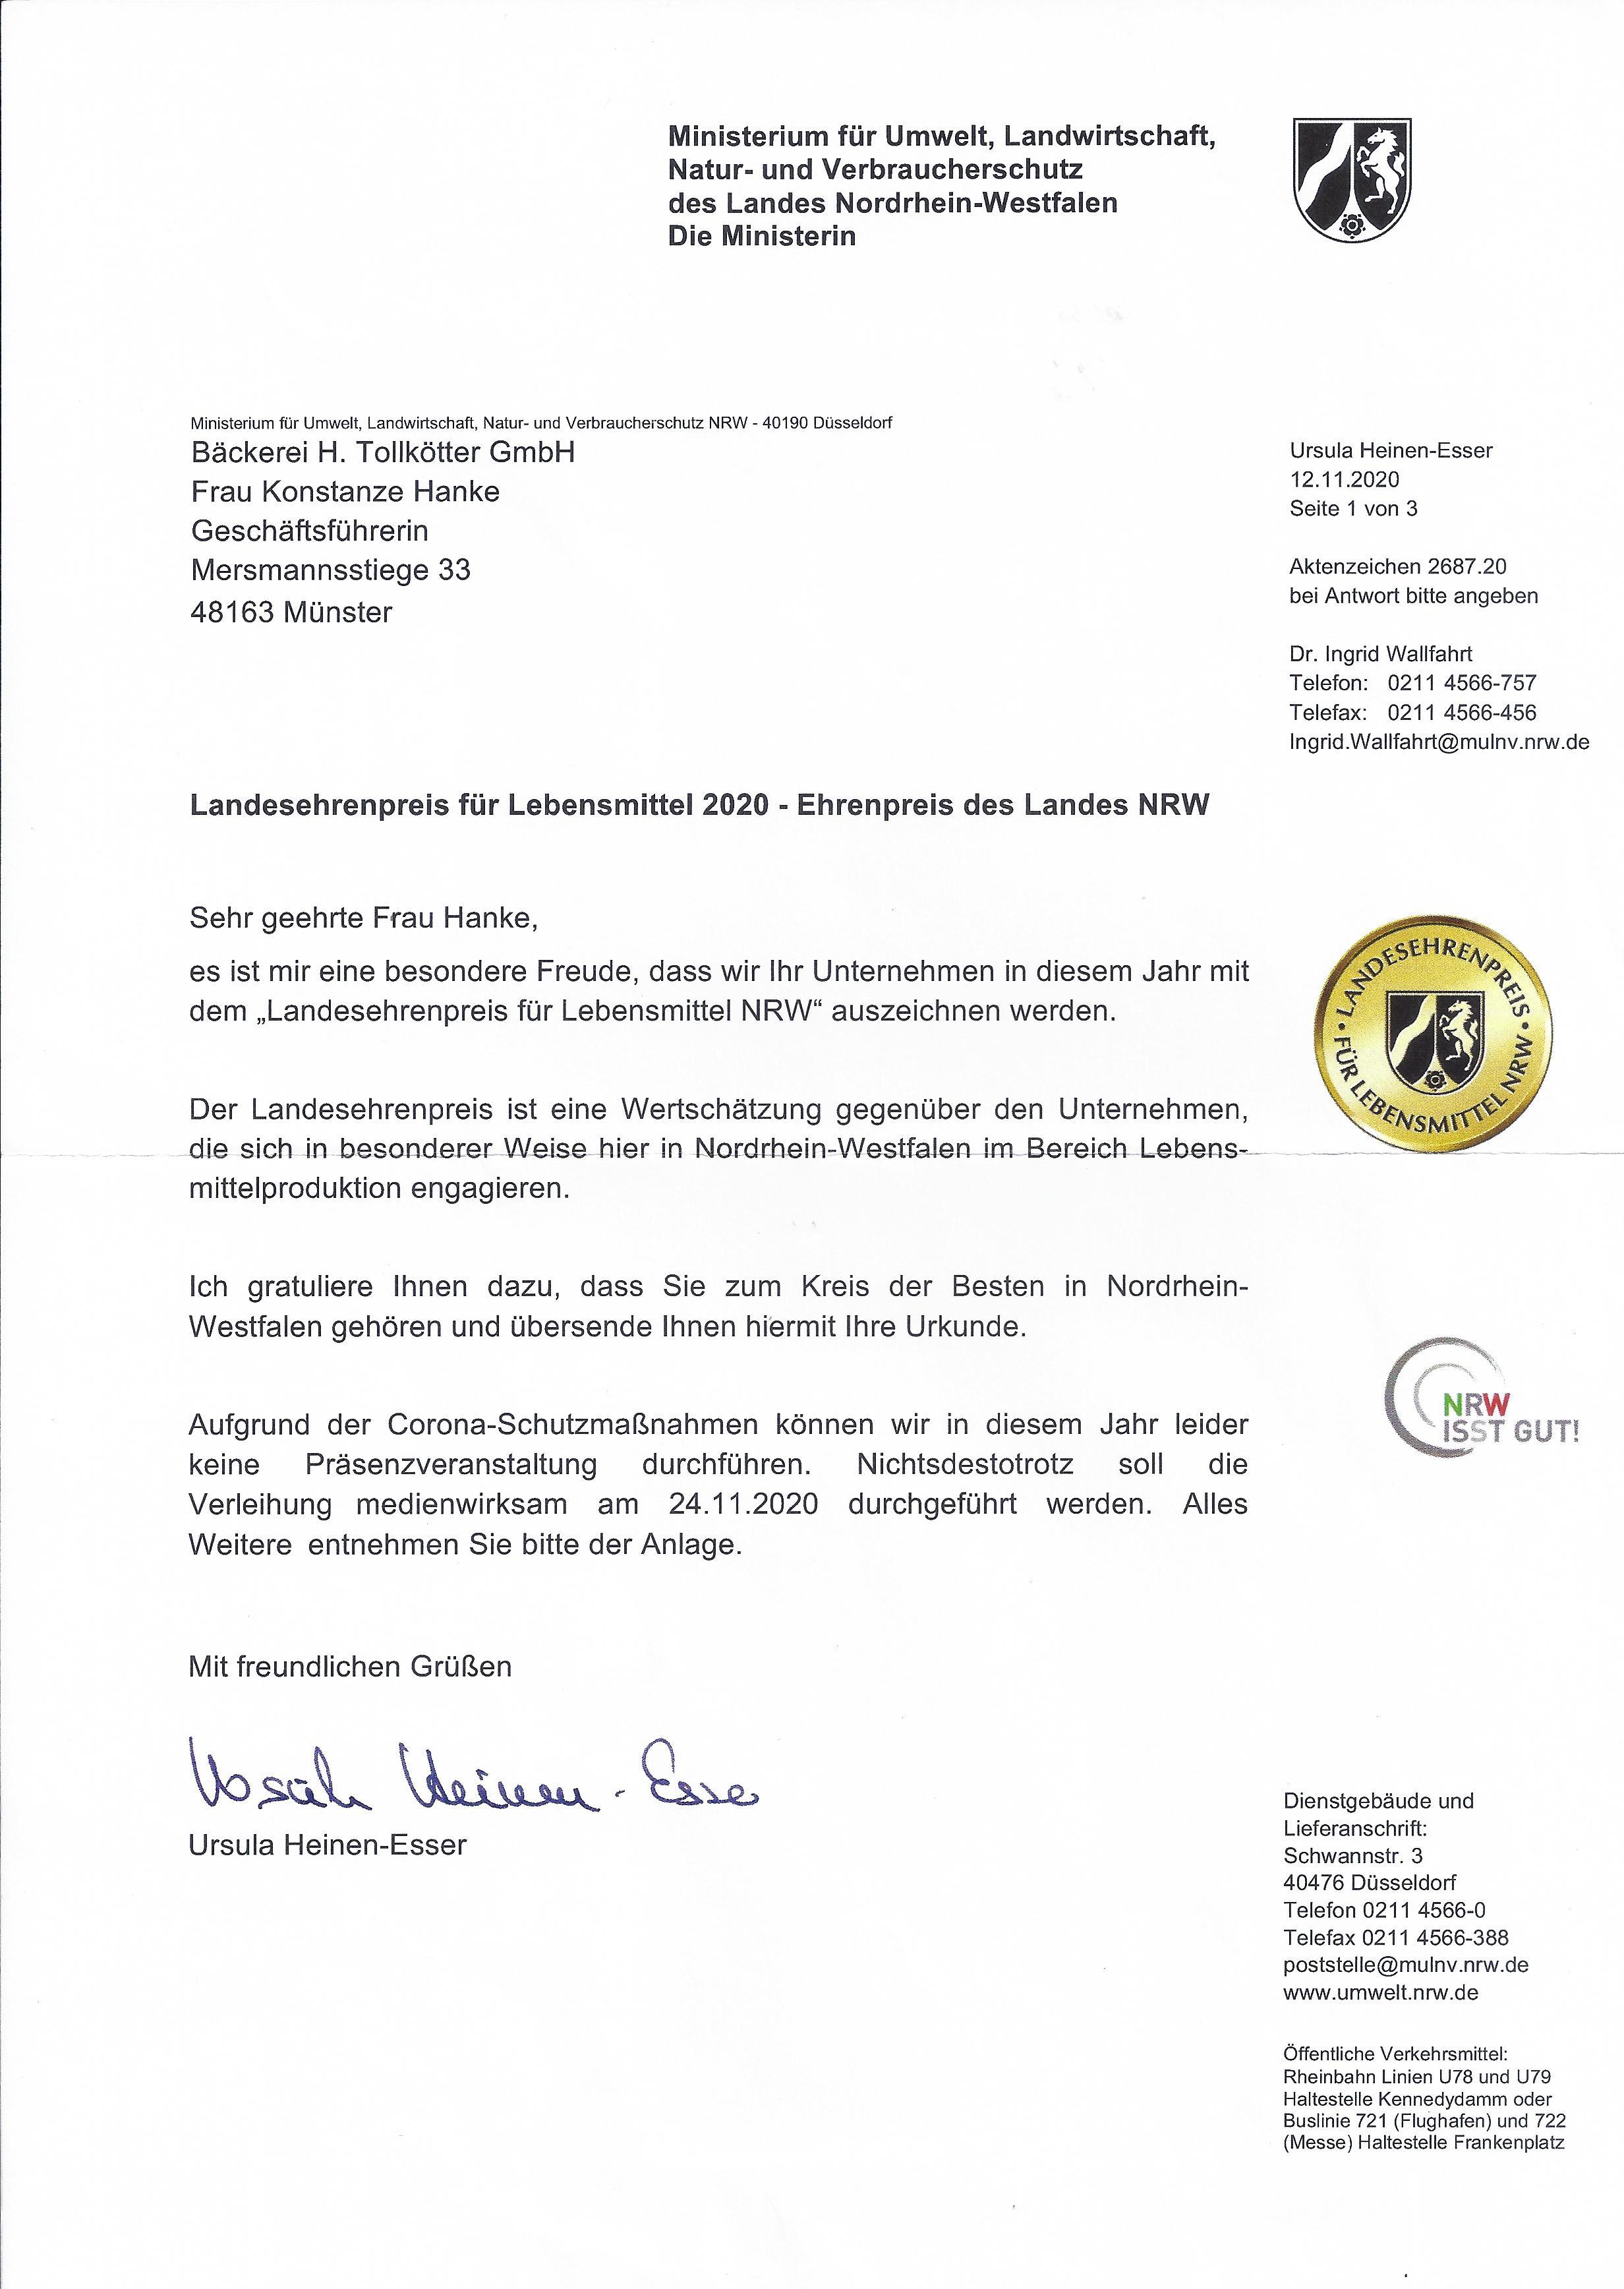 Landesehrenpreis für Lebensmittel 2020 - Ehrenpreis des Landes NRW